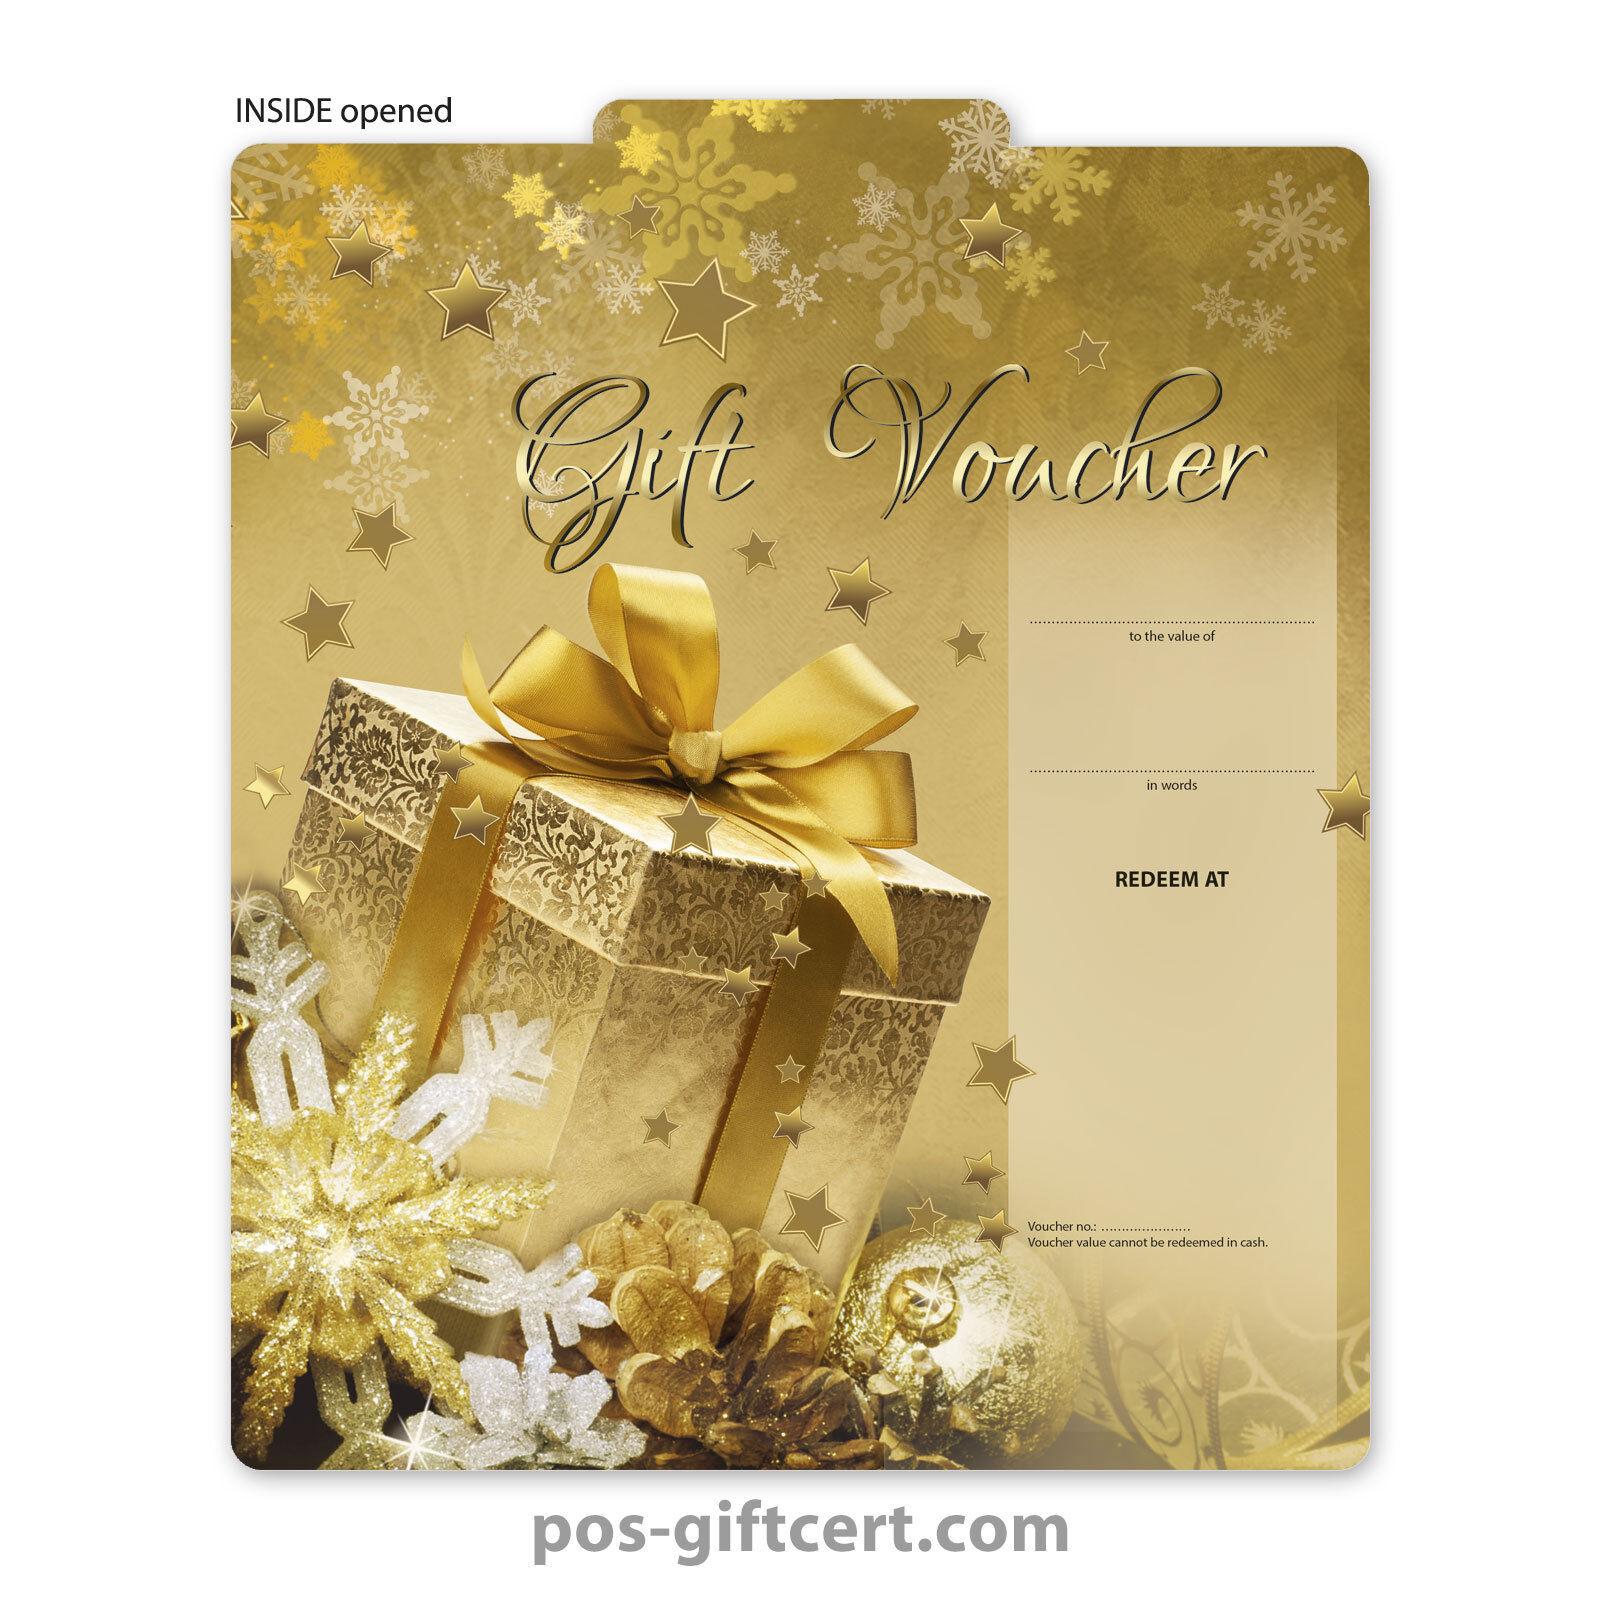 Gift vouchers  envelopes for christmas X297GB | Billiger Billiger Billiger als der Preis  | Mode-Muster  b132ba